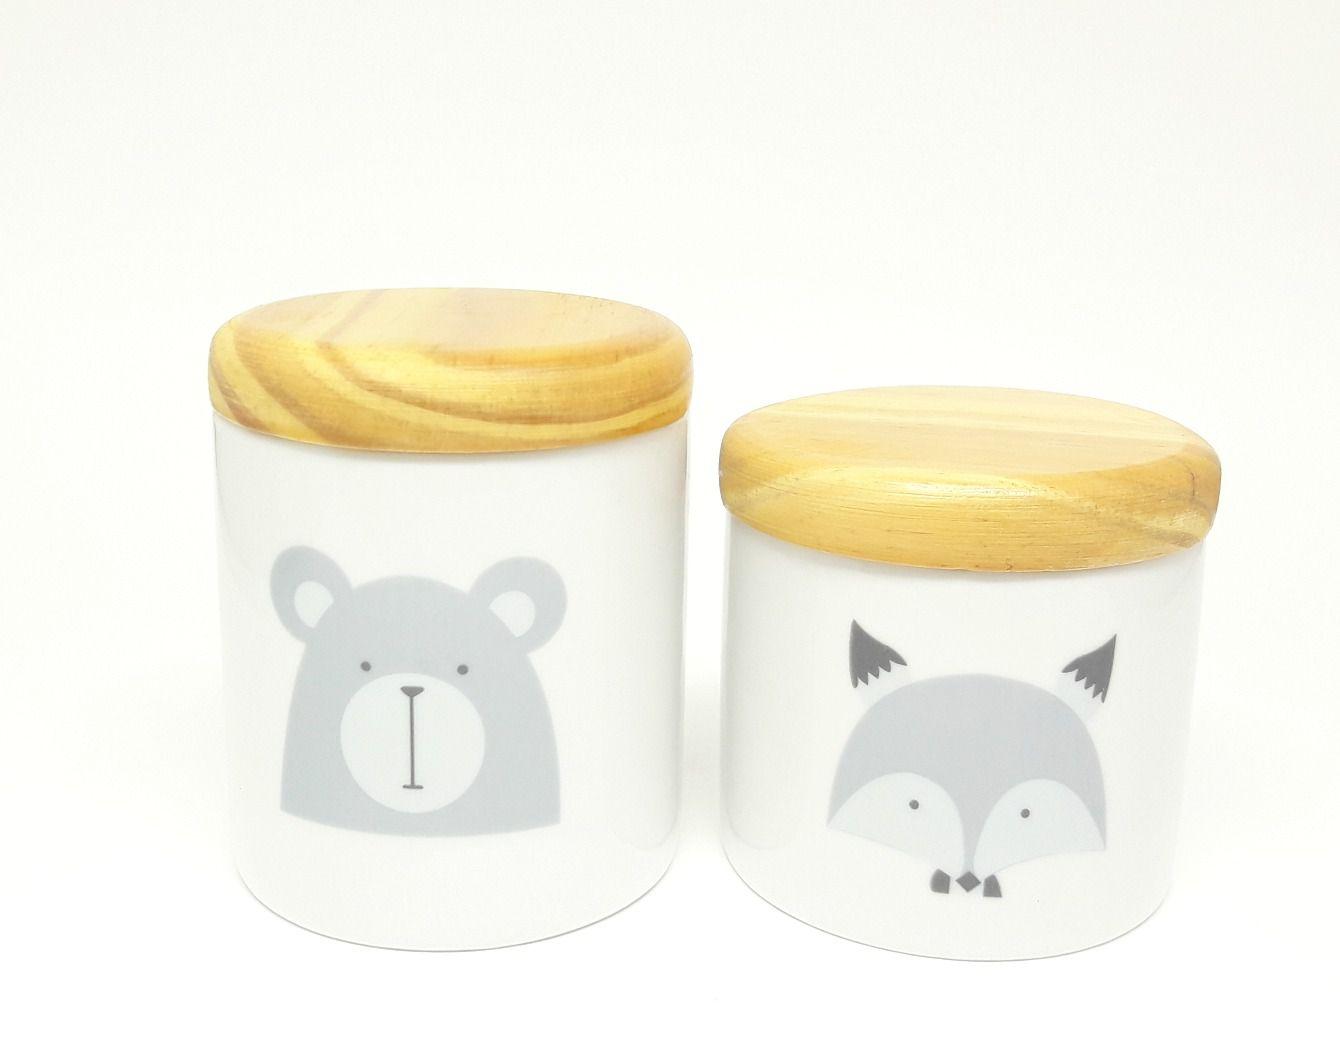 Kit Higiene Bebê Porcelana Escandinavo |Urso e Raposa |Tampas em madeira pinus